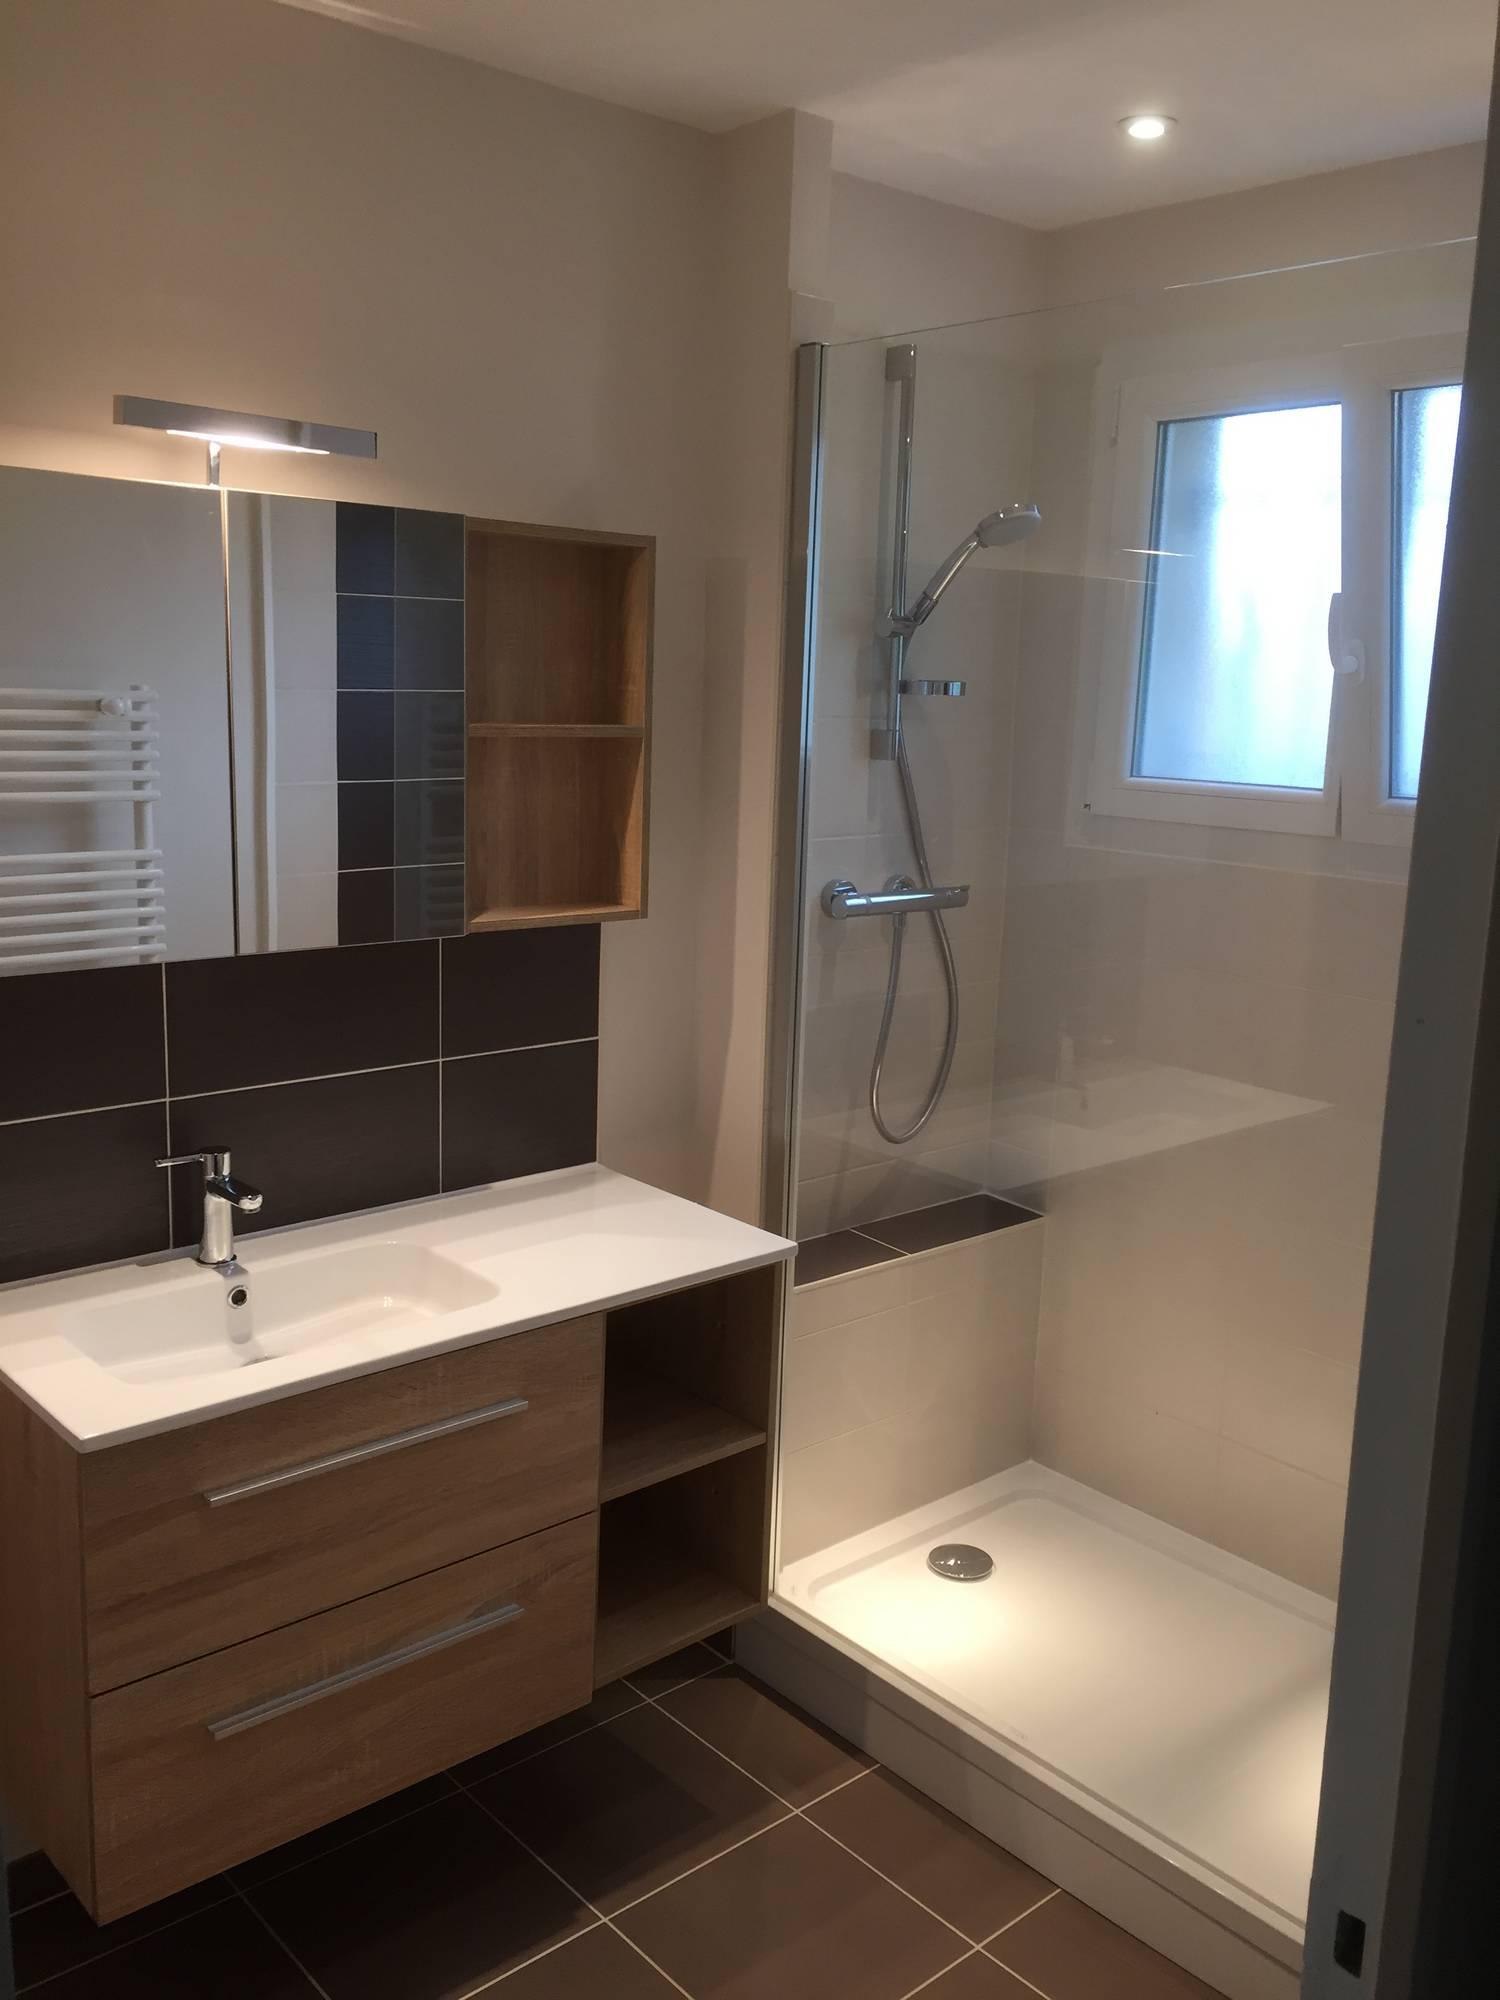 Petite salle de bain fonctionnelle - In & Deco